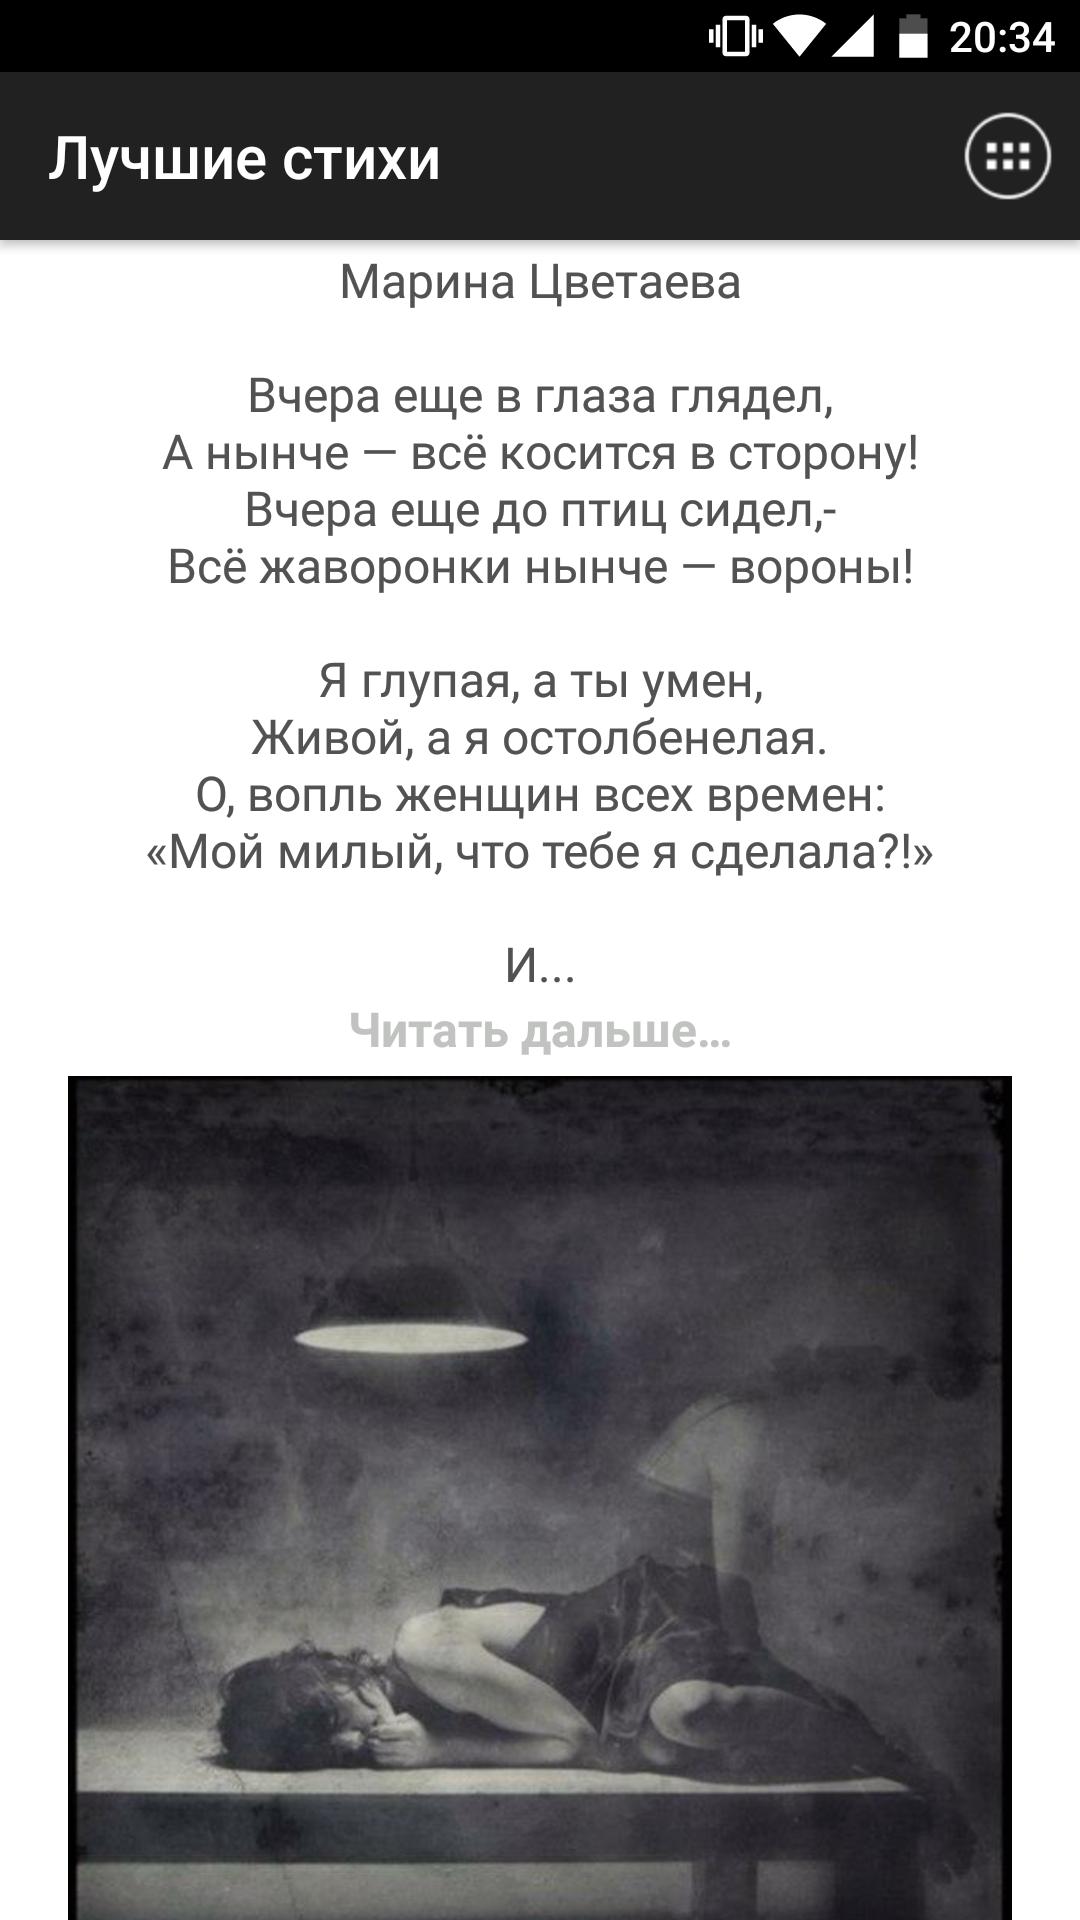 Лучшее стихотворение некрасова